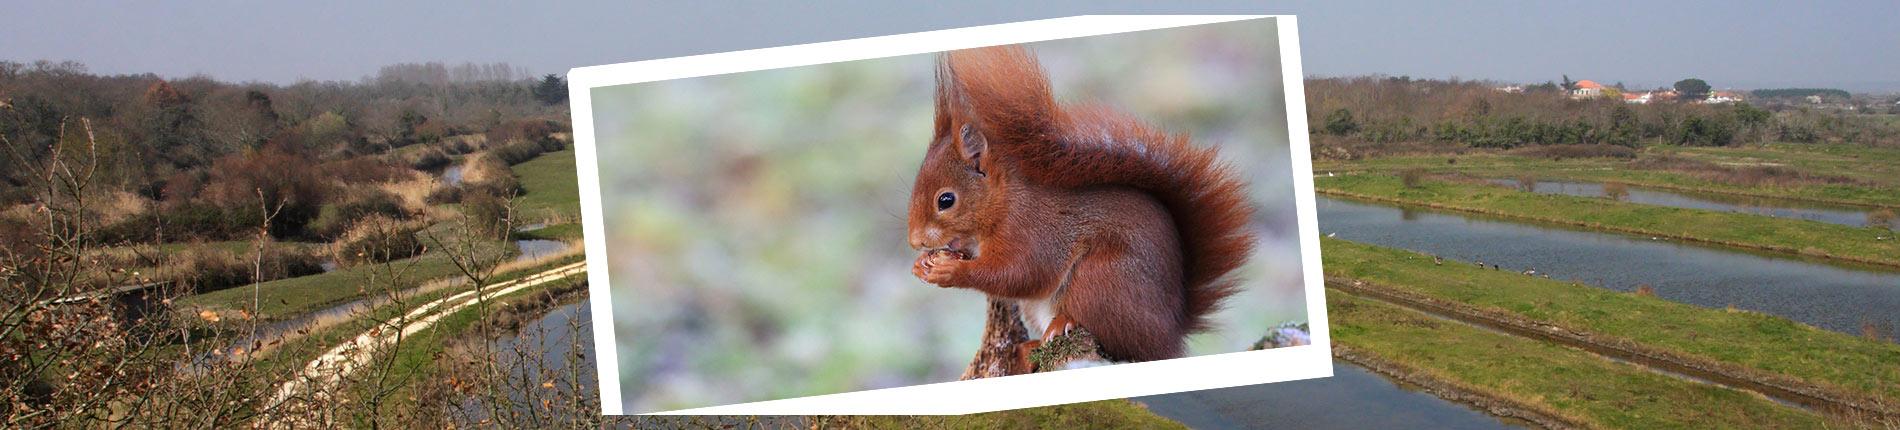 La faune de l'île d'Oléron : l'Écureuil roux